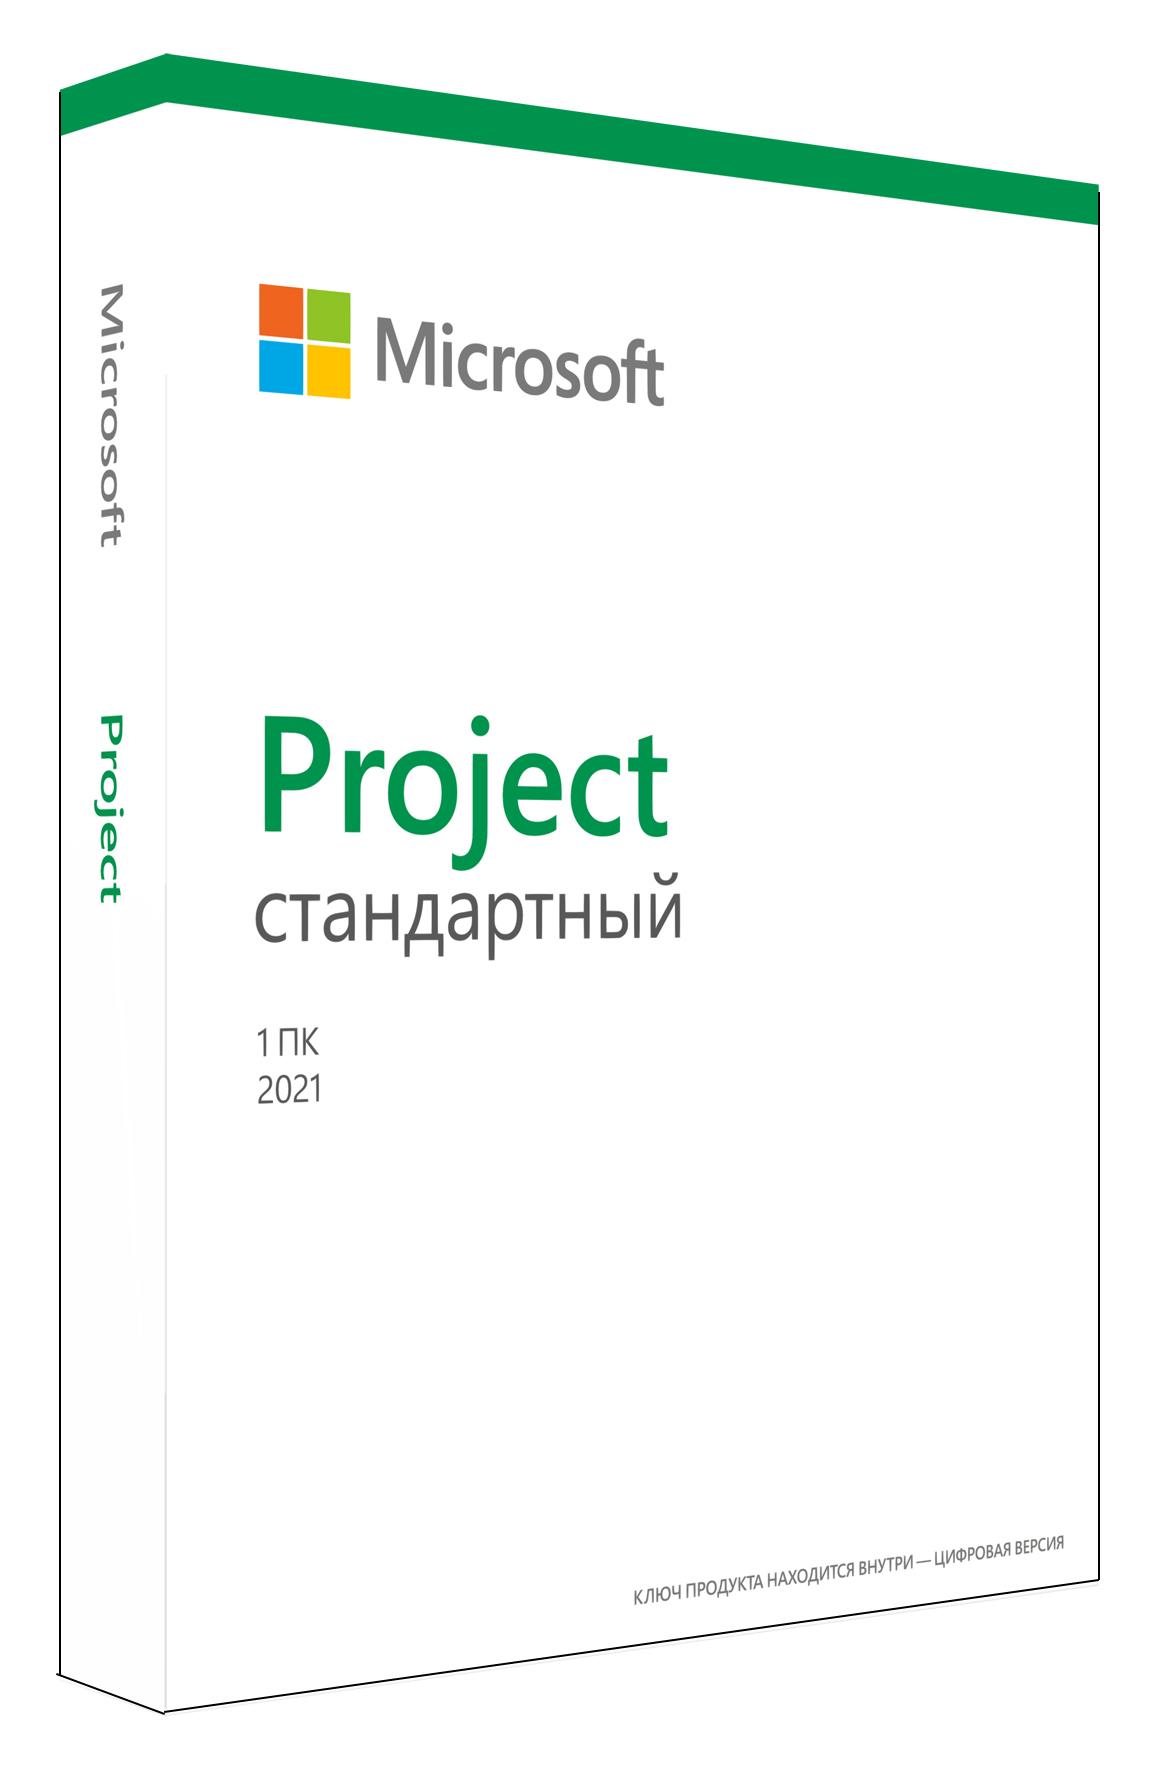 Project стандартный 2021